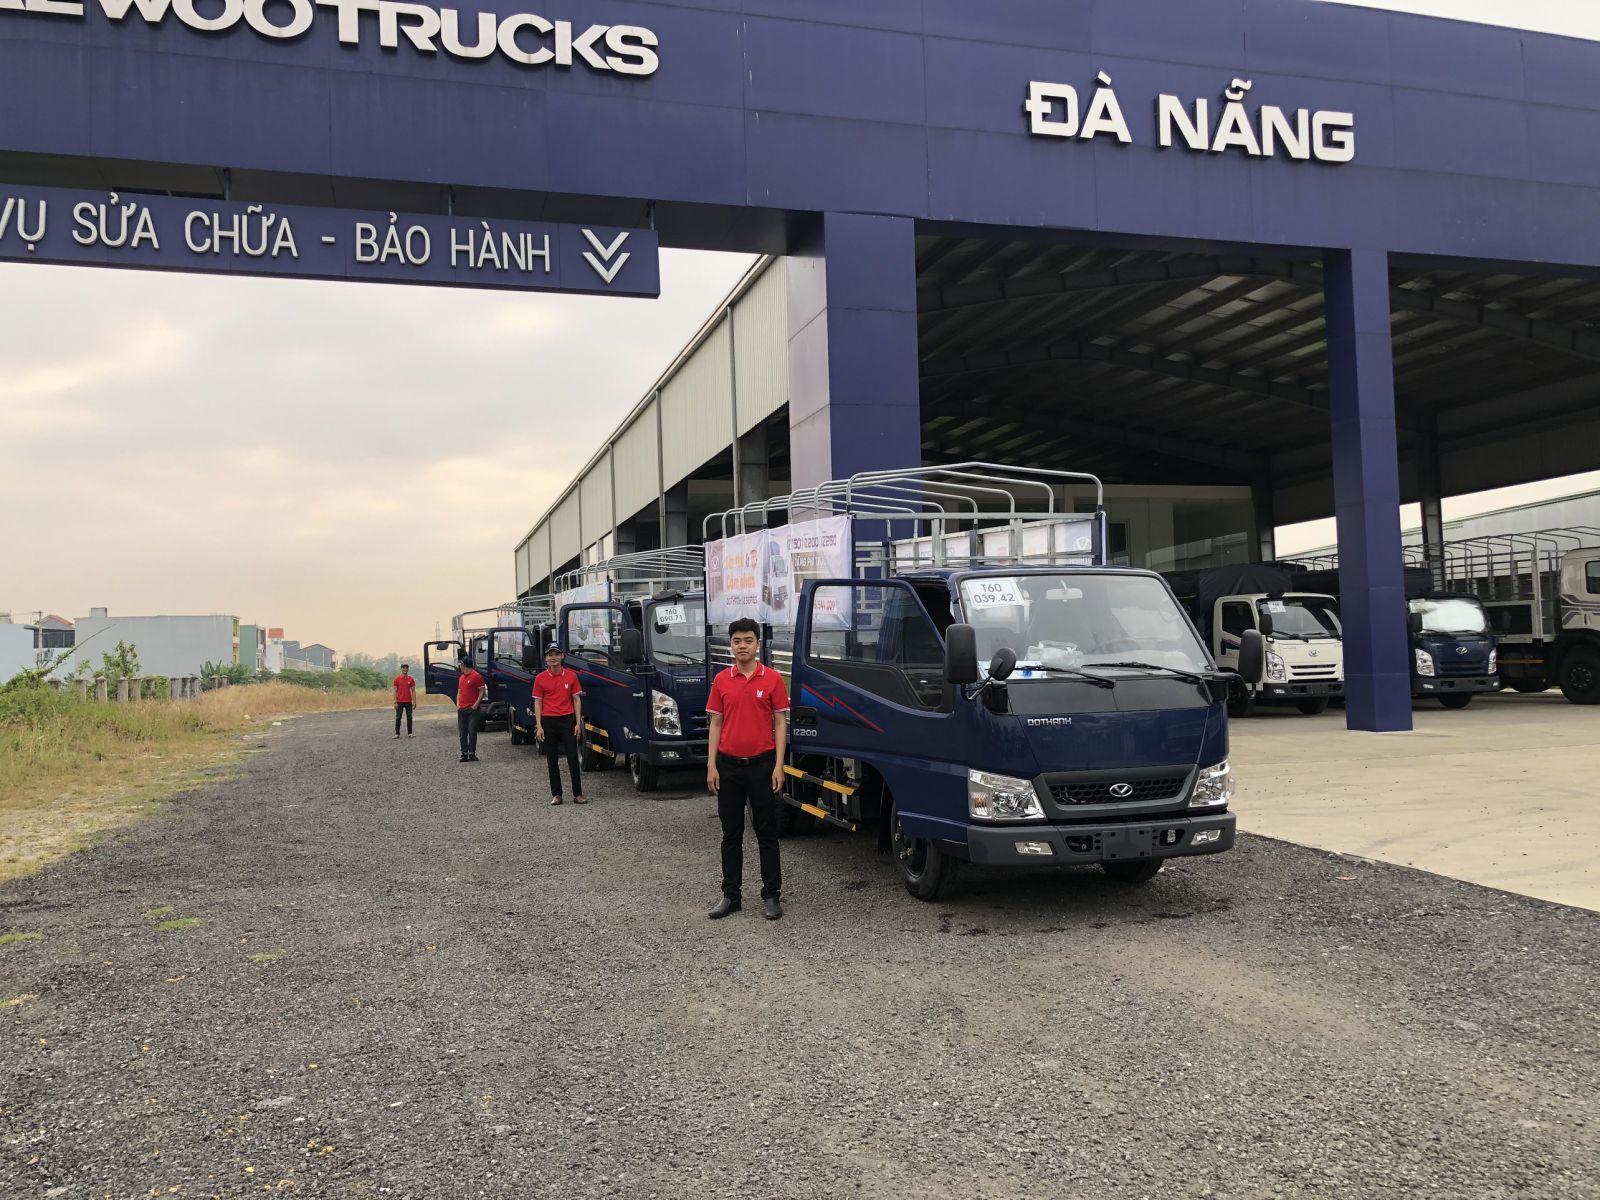 Dòng xe Đô Thành IZ và các nhân viên hỗ trợ đã sẵn sàng cho ngày đầu mở màn sự kiện Road Show tại Đà Nẵng